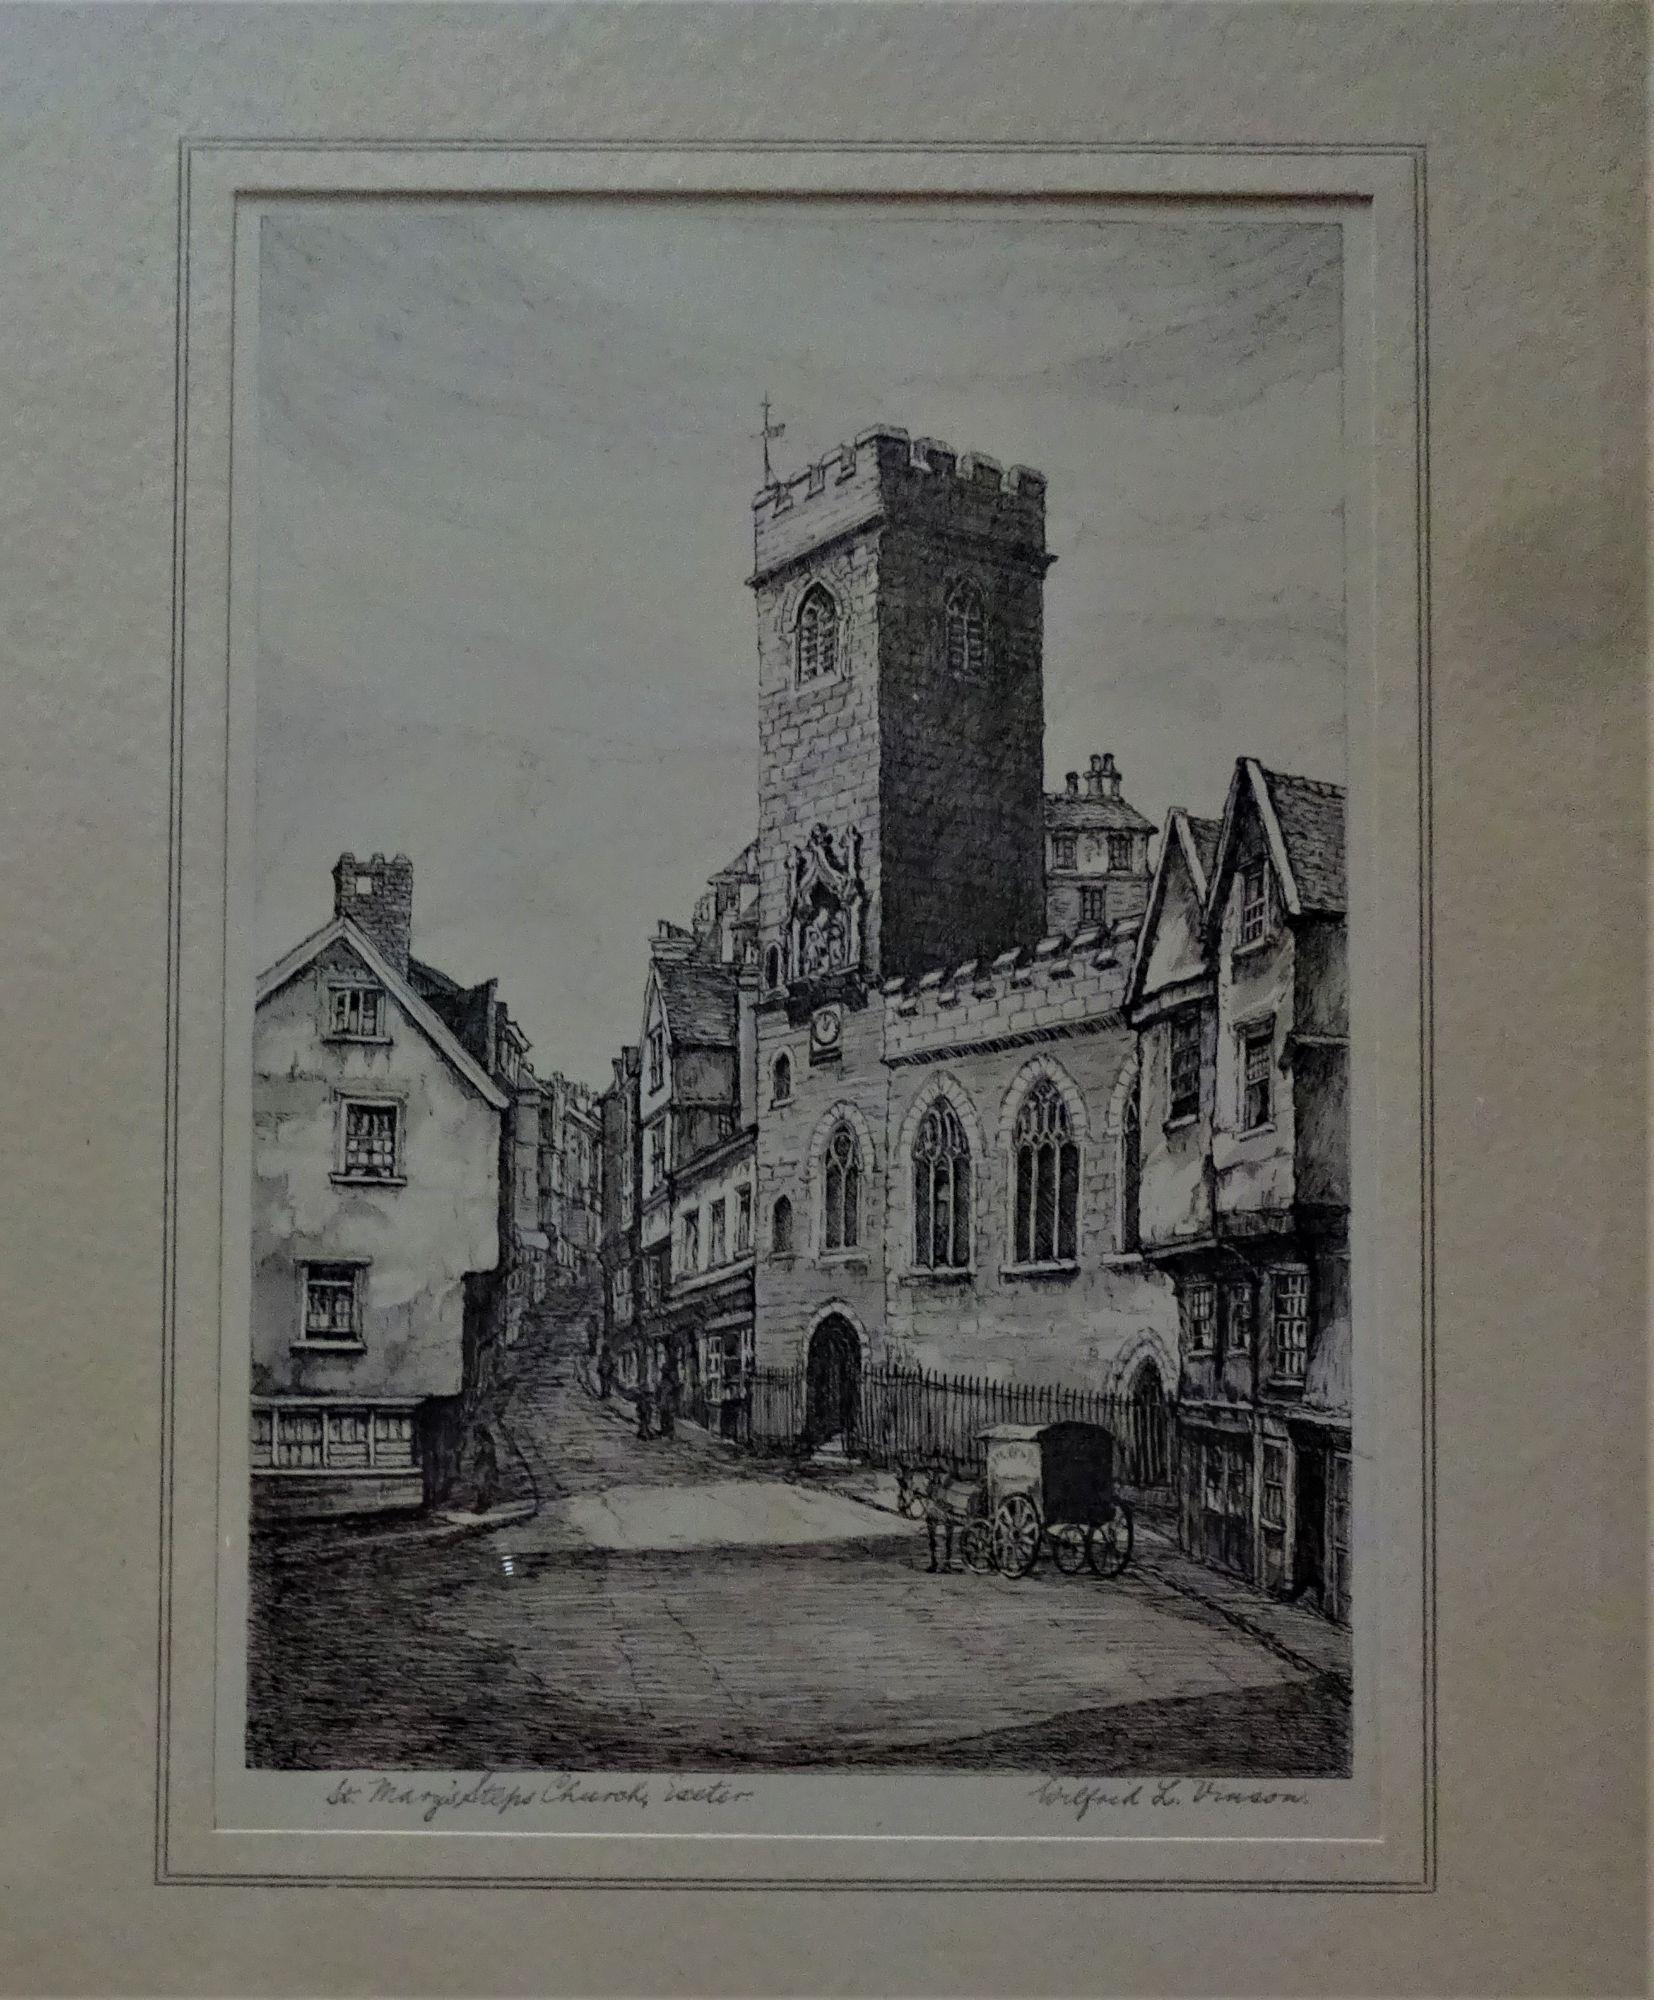 Vinson, Wilfrid L, etching, c1925. Framed.